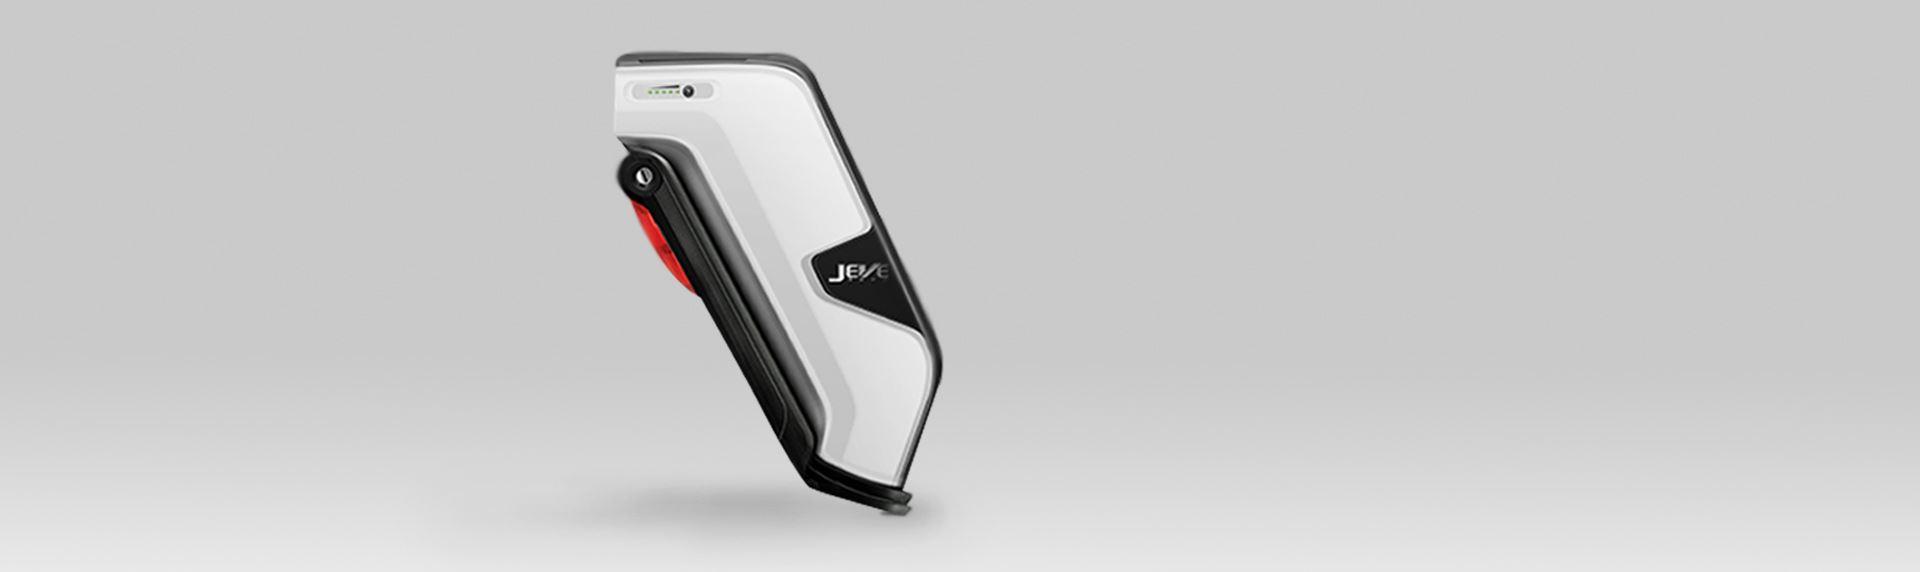 欧意设计-电动车附件衣架电池盒